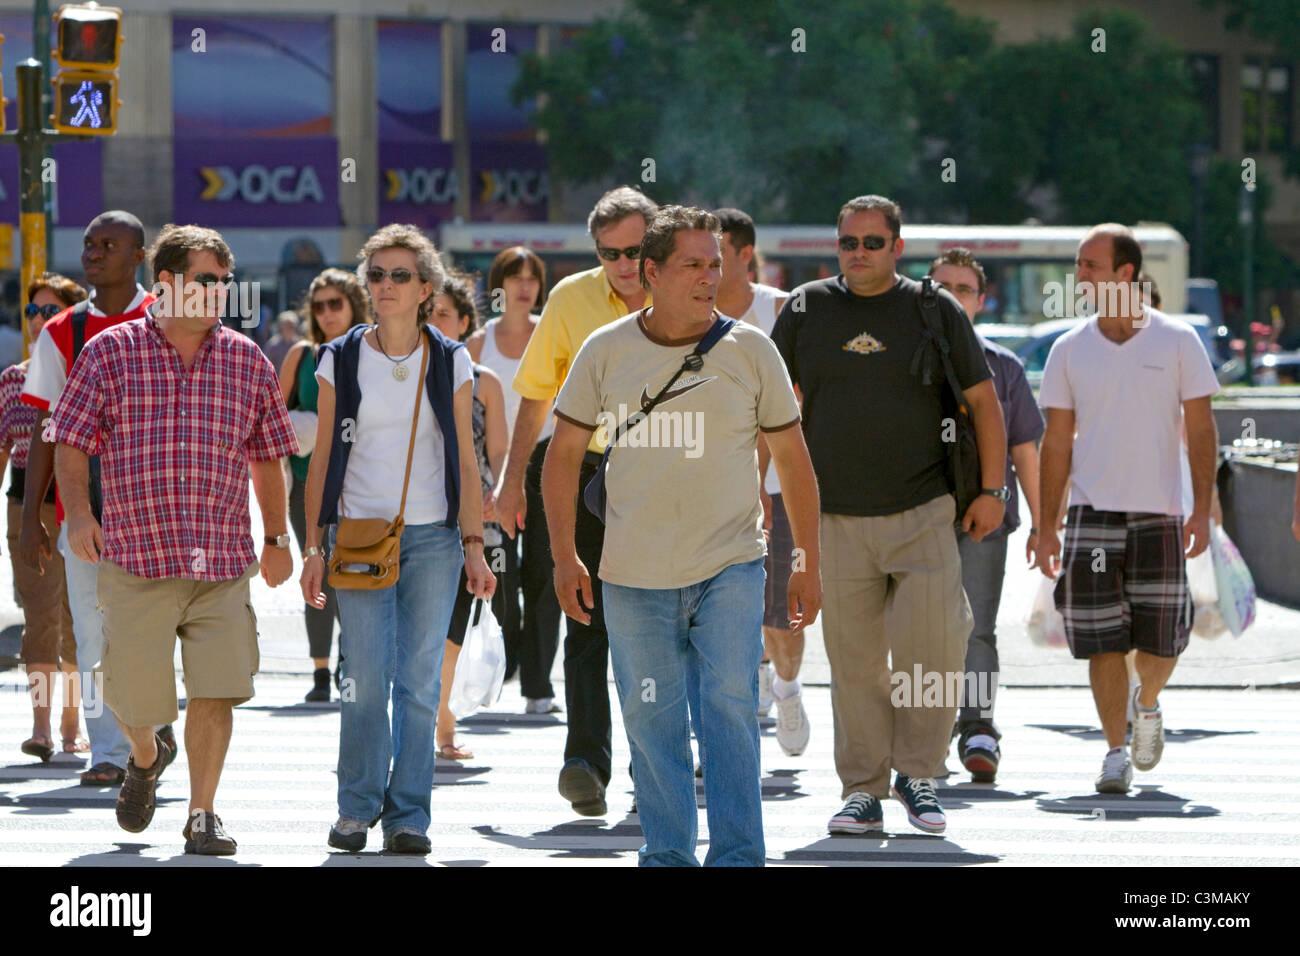 Los peatones en la Avenida 9 de julio en Buenos Aires, Argentina. Imagen De Stock